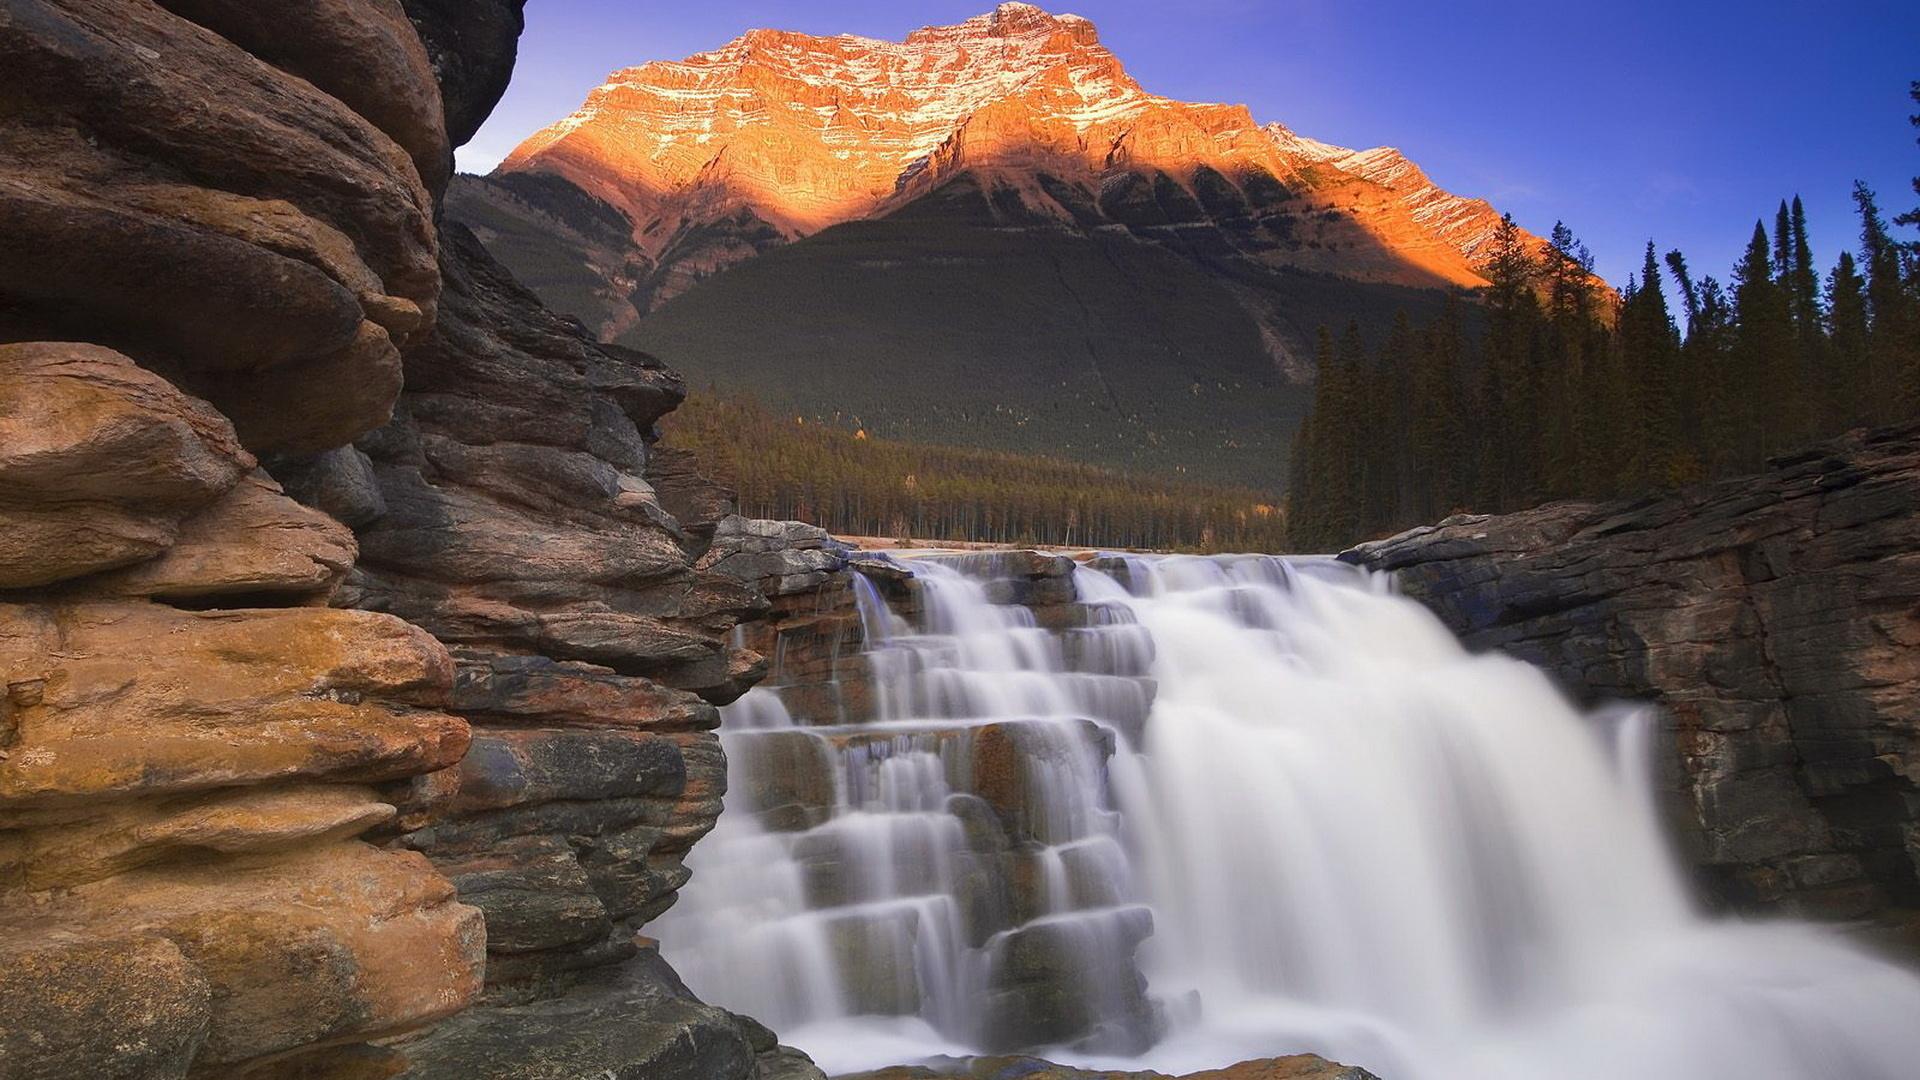 его картинки красивых гор и водопадов этом, далеко